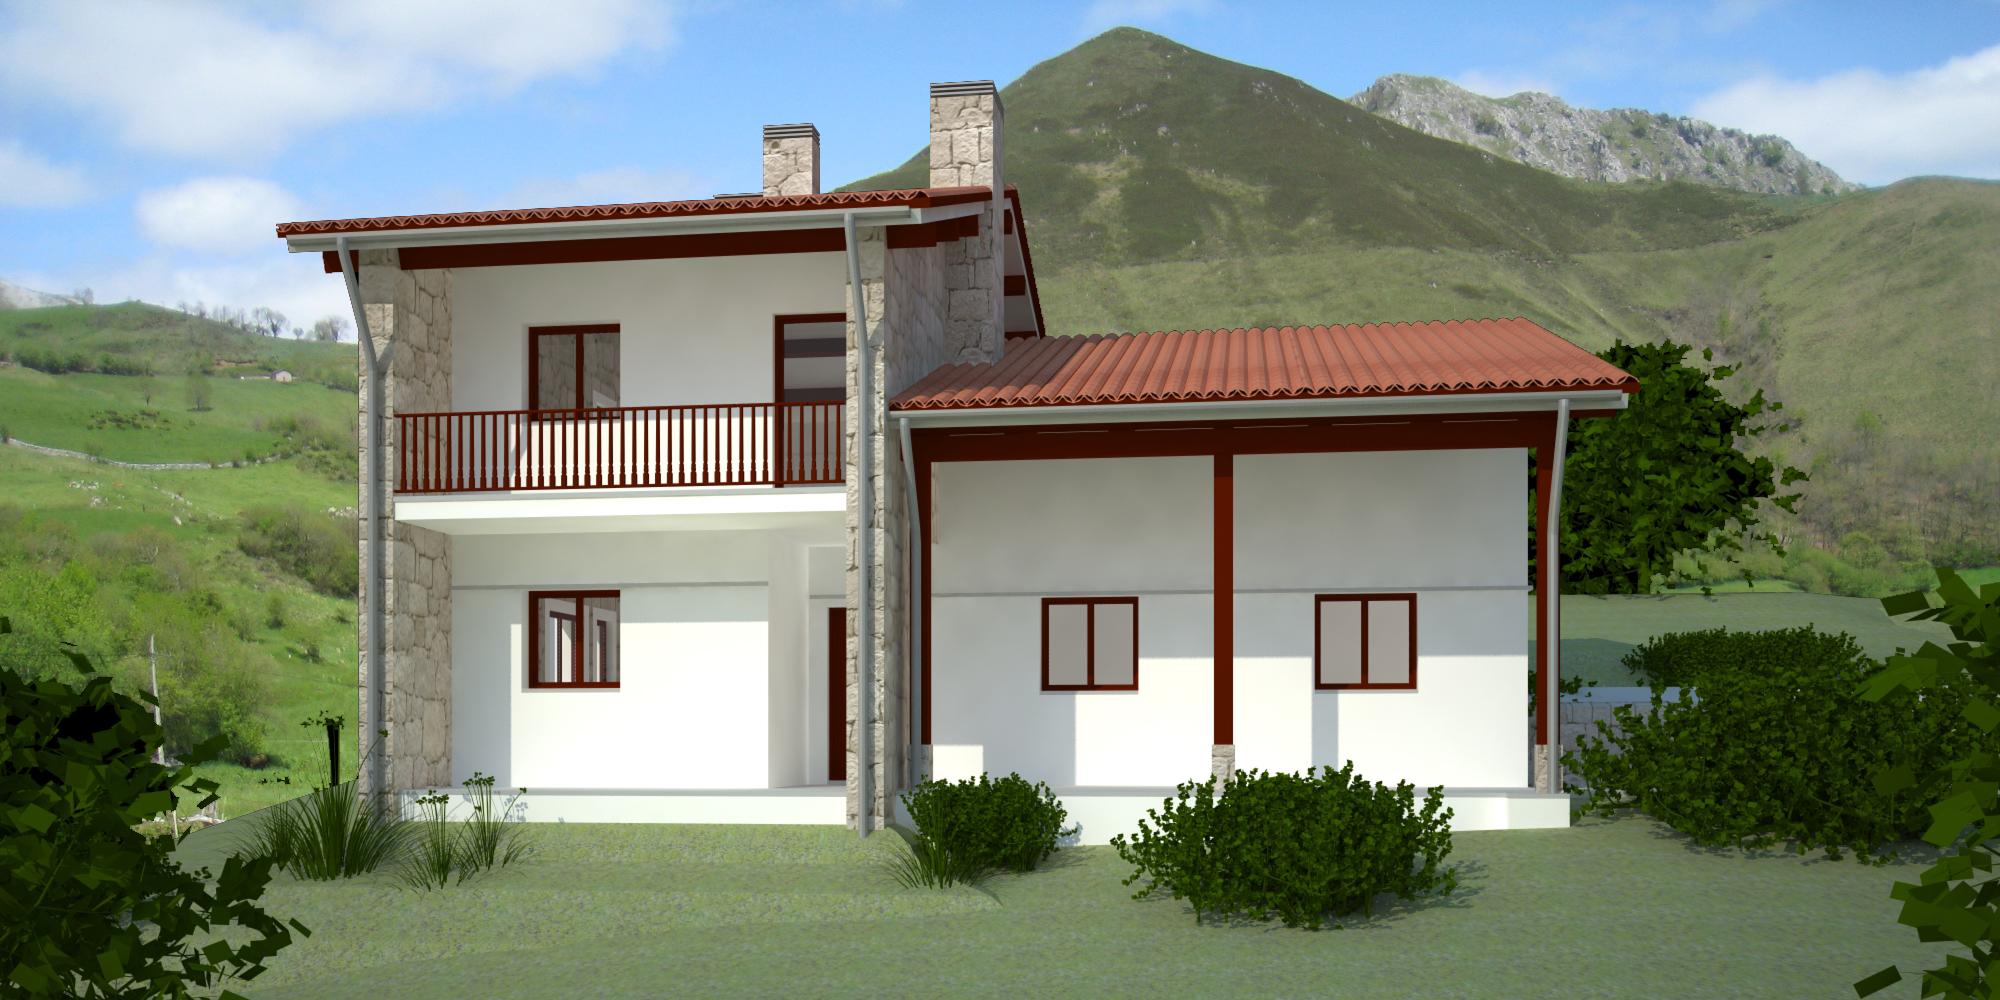 Vivienda unifamiliar en amieva asturias dolmen arquitectos - Arquitectos asturias ...